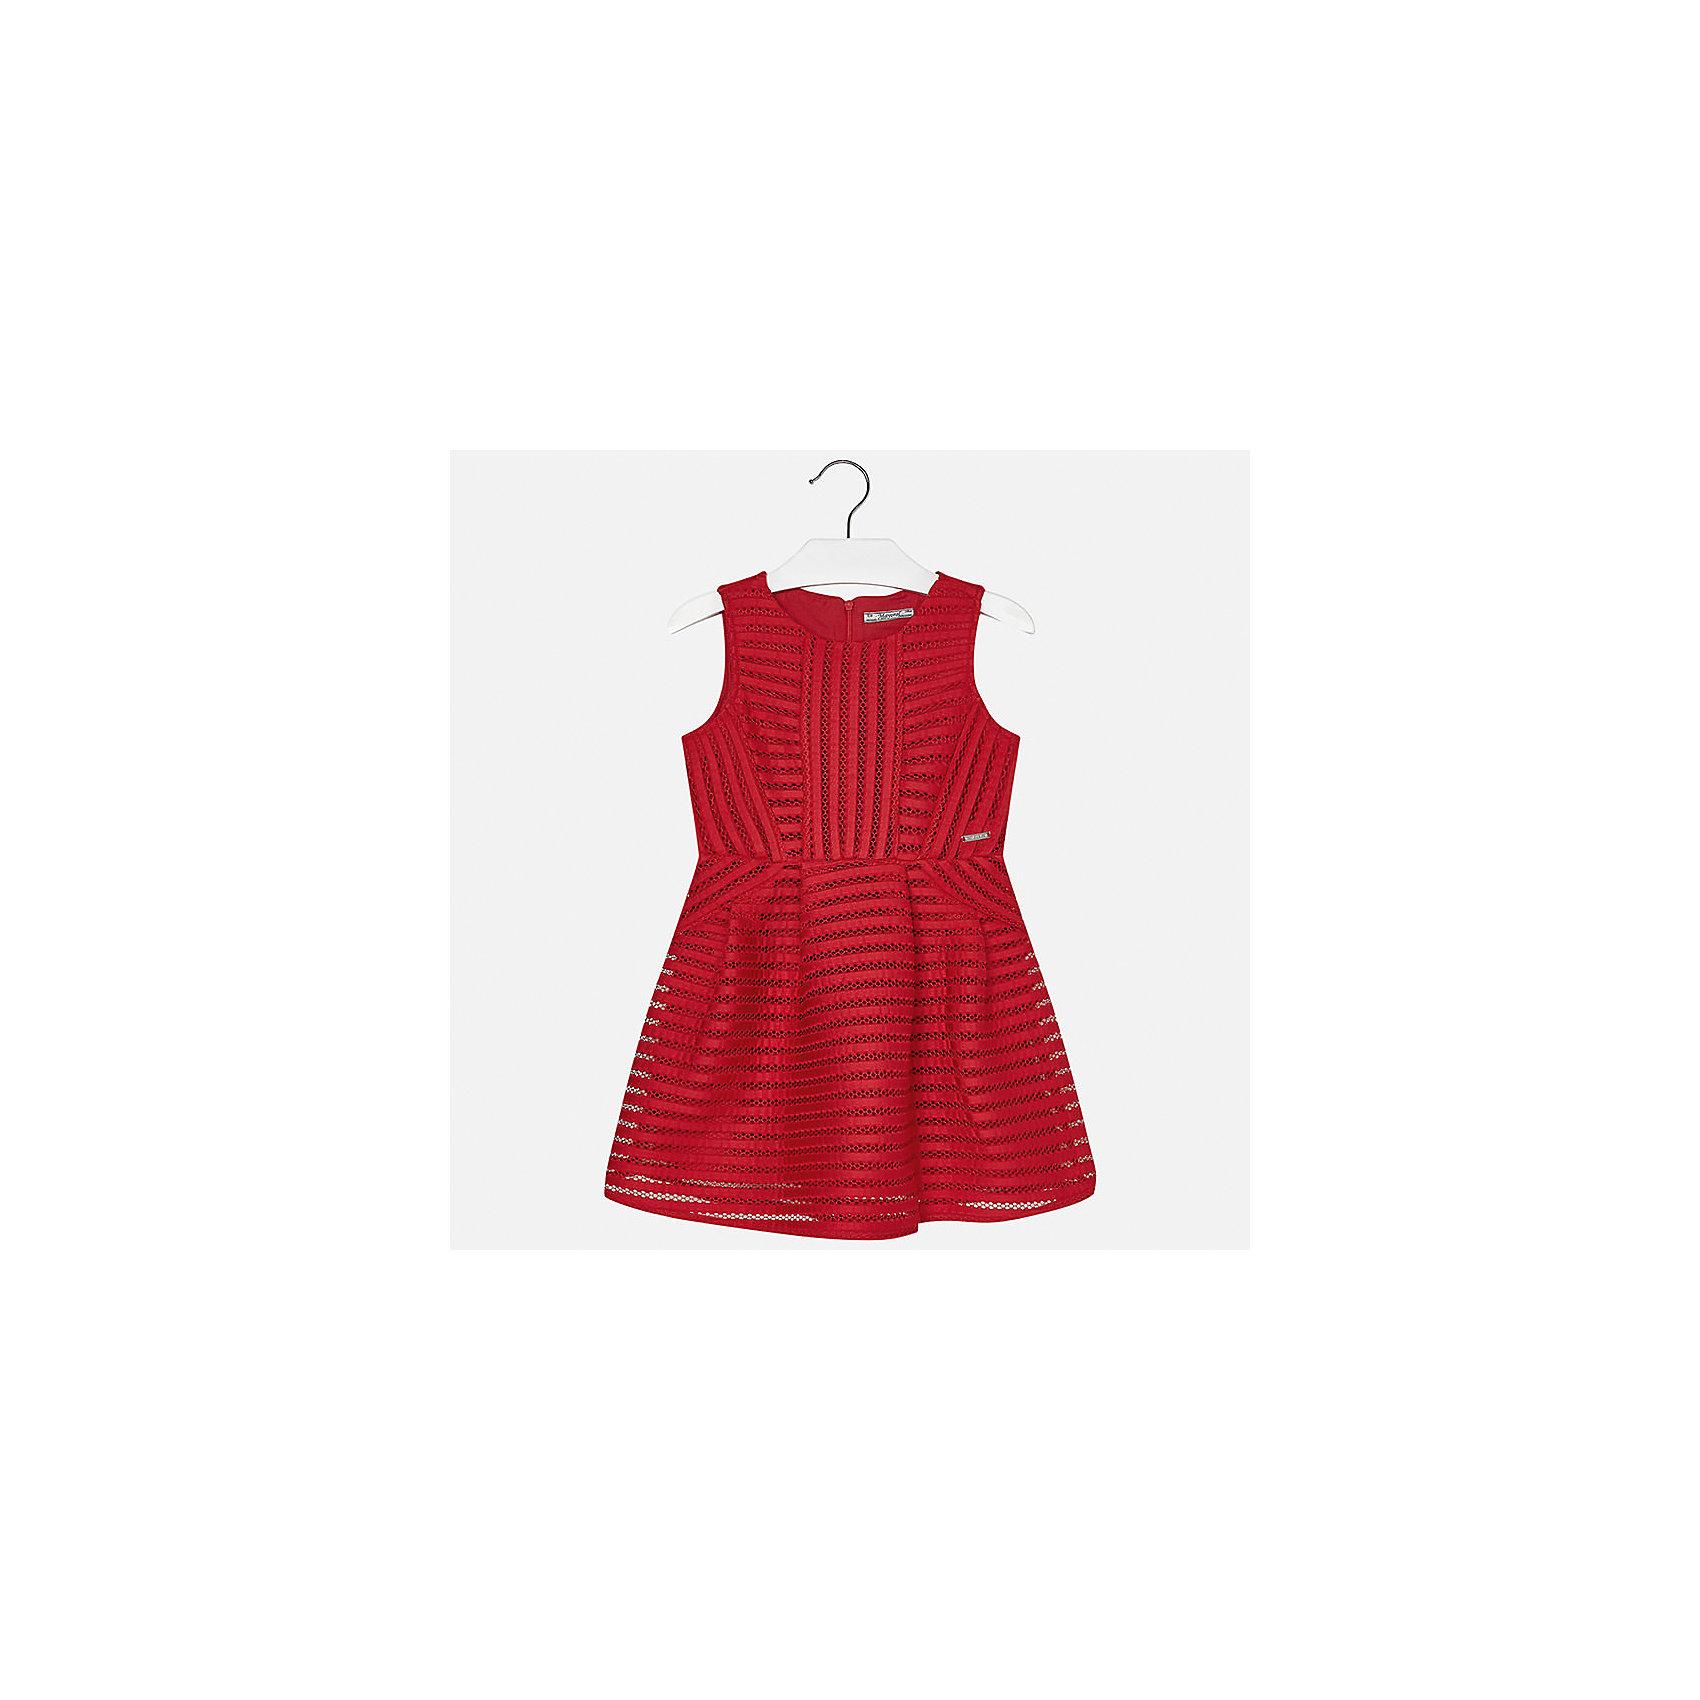 Платье для девочки MayoralОдежда<br>Характеристики товара:<br><br>• цвет: красный<br>• состав: 100% полиэстер, подкладка - 100% полиэстер<br>• застежка: молния<br>• приталенное<br>• без рукавов<br>• с подкладкой<br>• страна бренда: Испания<br><br>Нарядное платье для девочки поможет разнообразить гардероб ребенка и создать эффектный наряд. Оно подойдет для различных случаев. Платье хорошо сидит по фигуре.<br><br>Платье для девочки от испанского бренда Mayoral (Майорал) можно купить в нашем интернет-магазине.<br><br>Ширина мм: 236<br>Глубина мм: 16<br>Высота мм: 184<br>Вес г: 177<br>Цвет: красный<br>Возраст от месяцев: 168<br>Возраст до месяцев: 180<br>Пол: Женский<br>Возраст: Детский<br>Размер: 170,158,128/134,164,140,152<br>SKU: 5293276